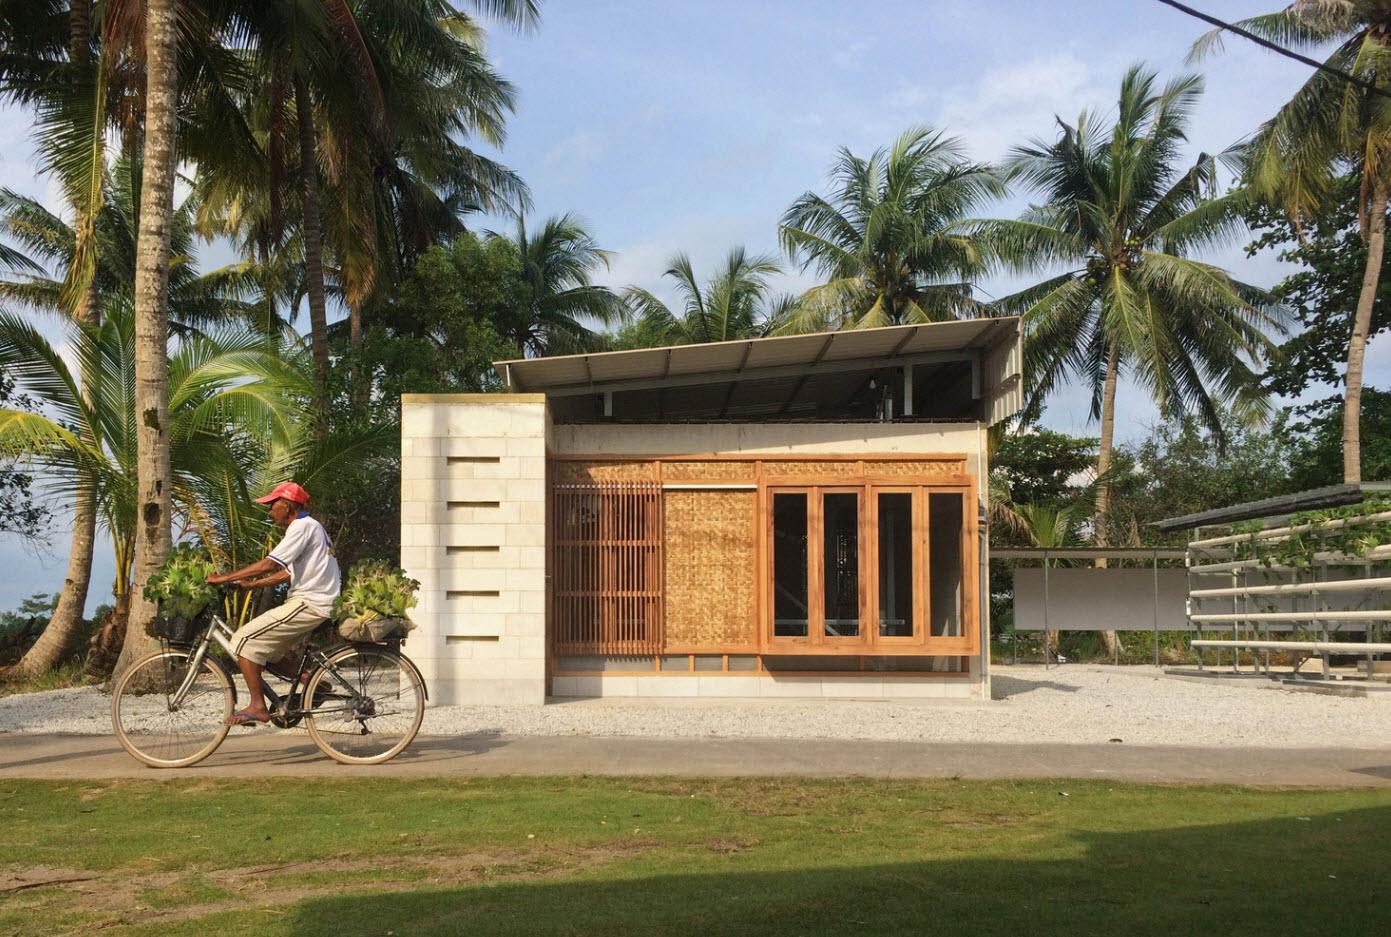 Casa de campo peque a de concreto planos - Planos de casas pequenas de campo ...